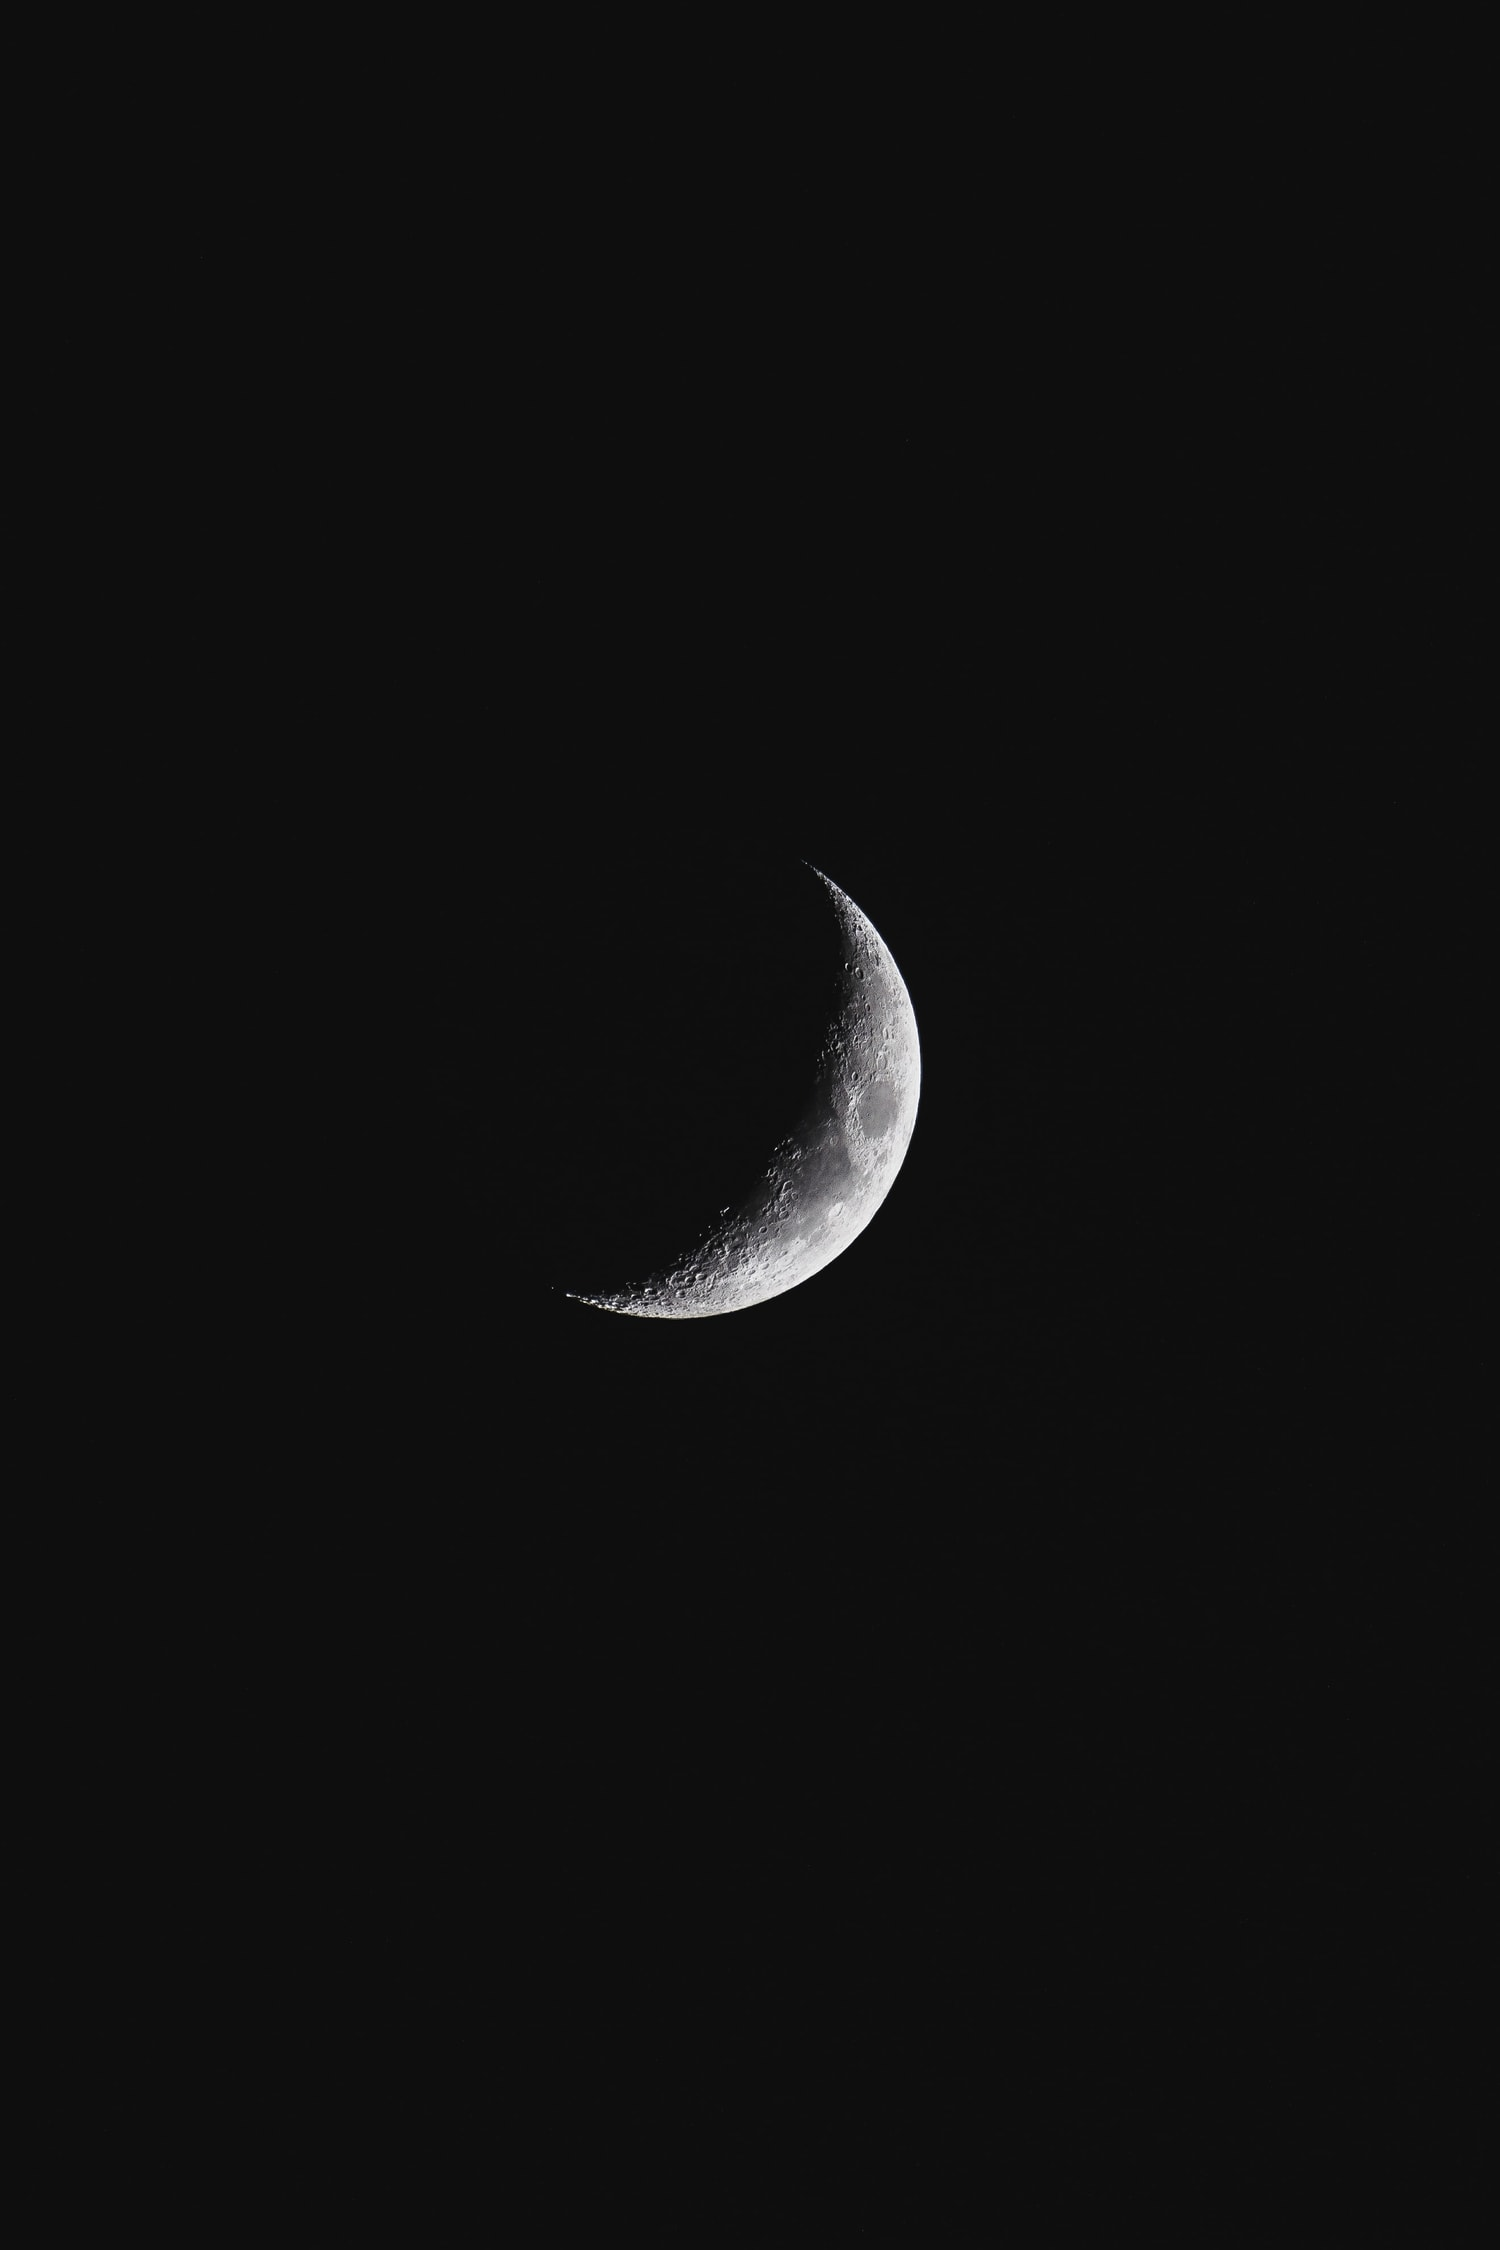 Luna creciente fotografiada de noche